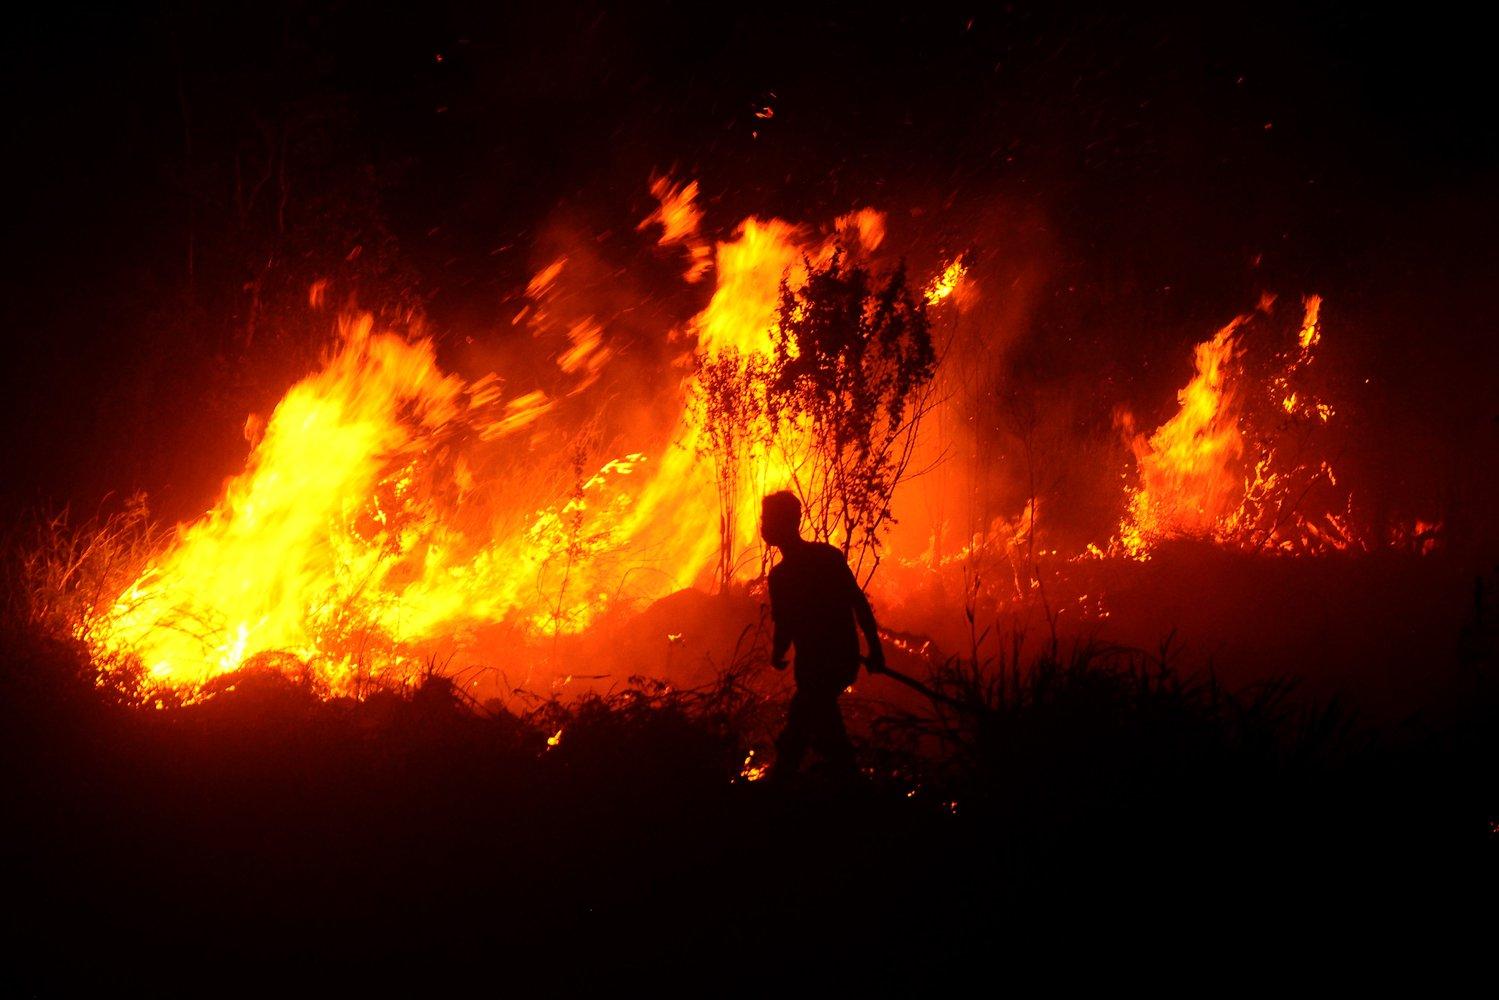 Warga berupaya memadamkan kebakaran lahan gambut di desa Pulau Semambu, Ogan Ilir, Sumatera Selatan, Selasa (6/8/2019).